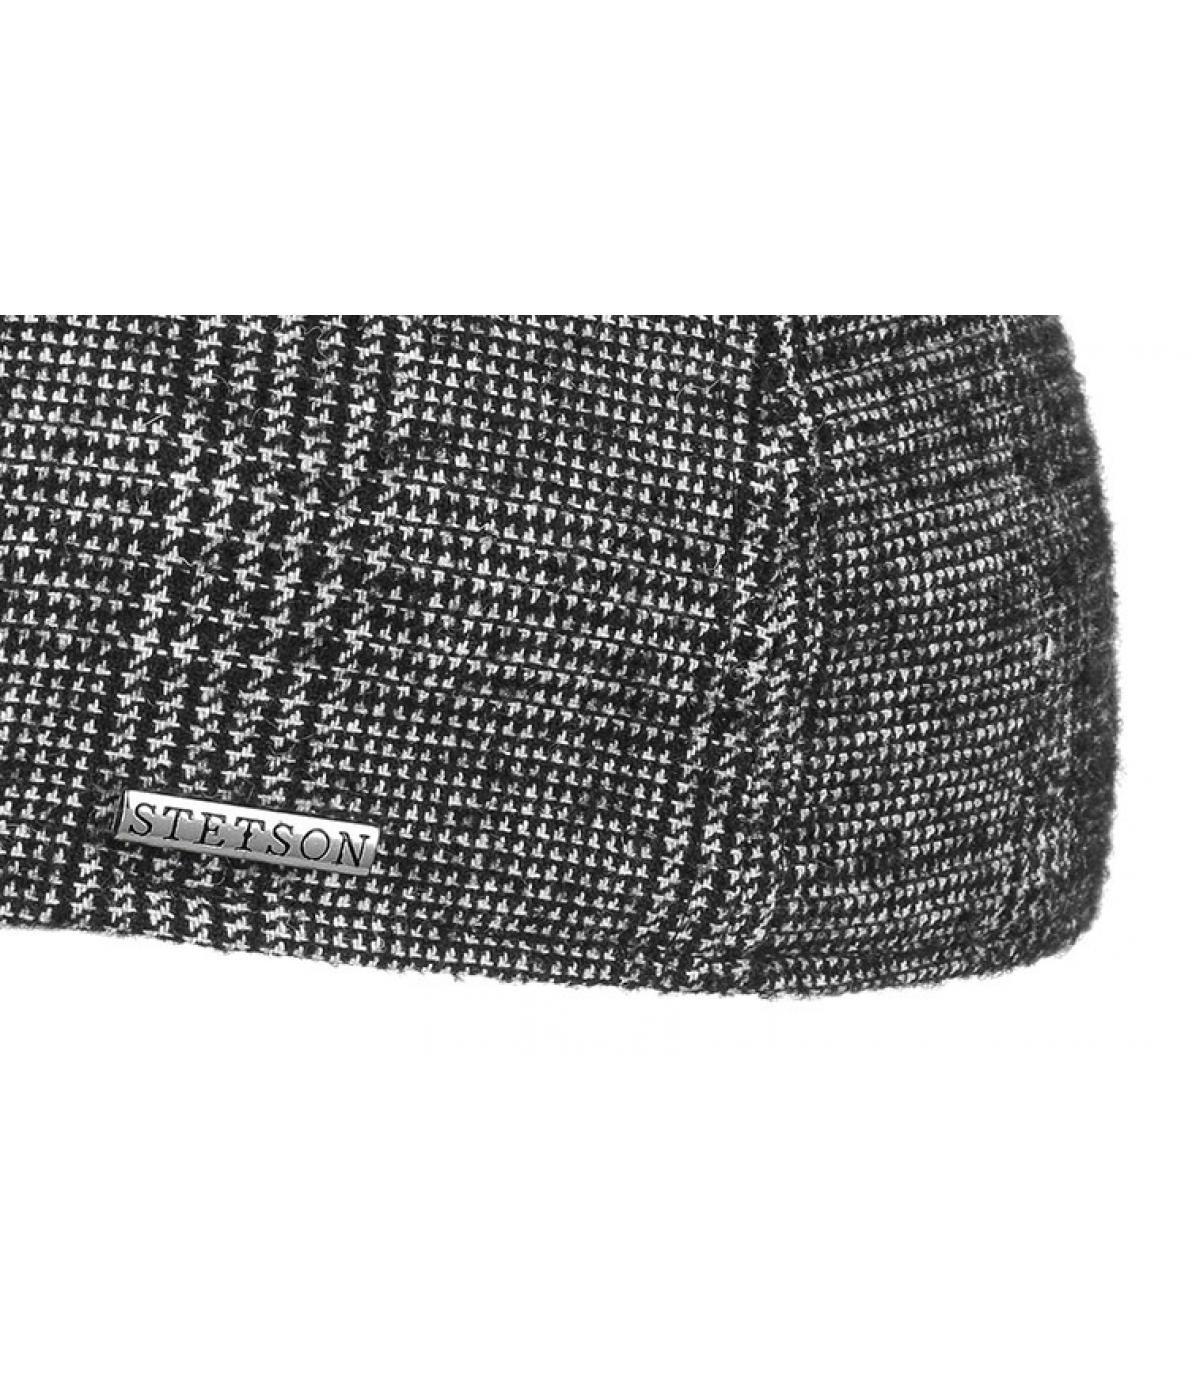 Details Texas Wool black white check - Abbildung 3